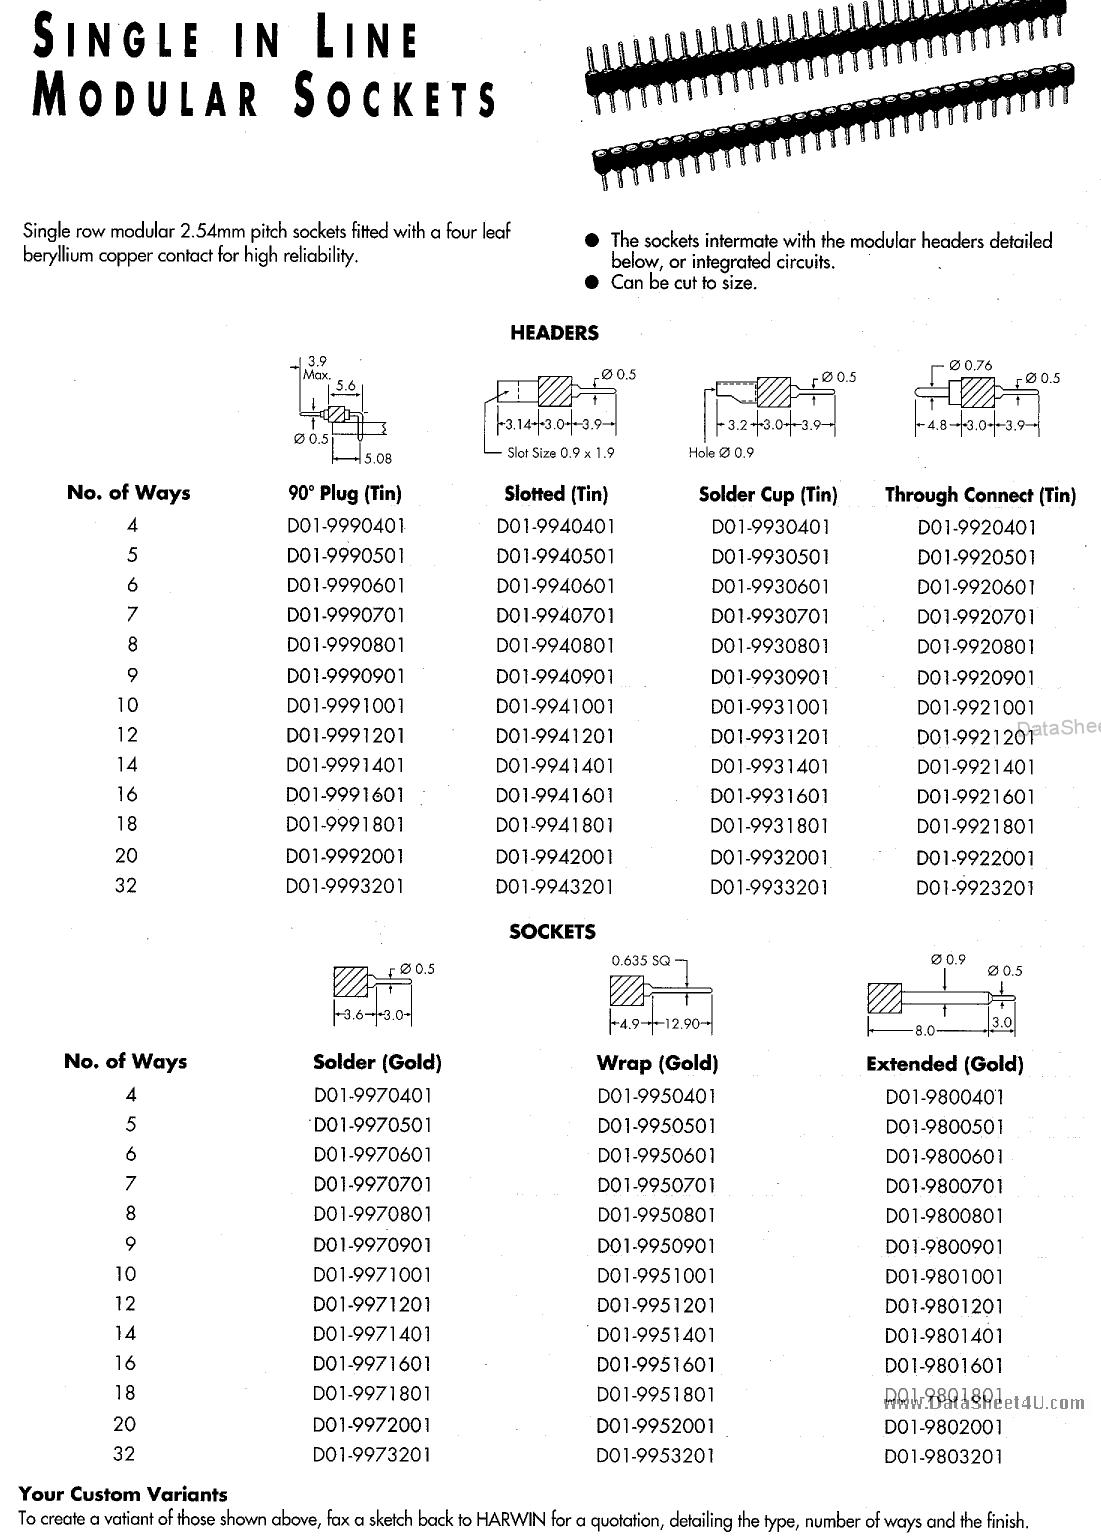 D01-98xxxxx Hoja de datos, Descripción, Manual